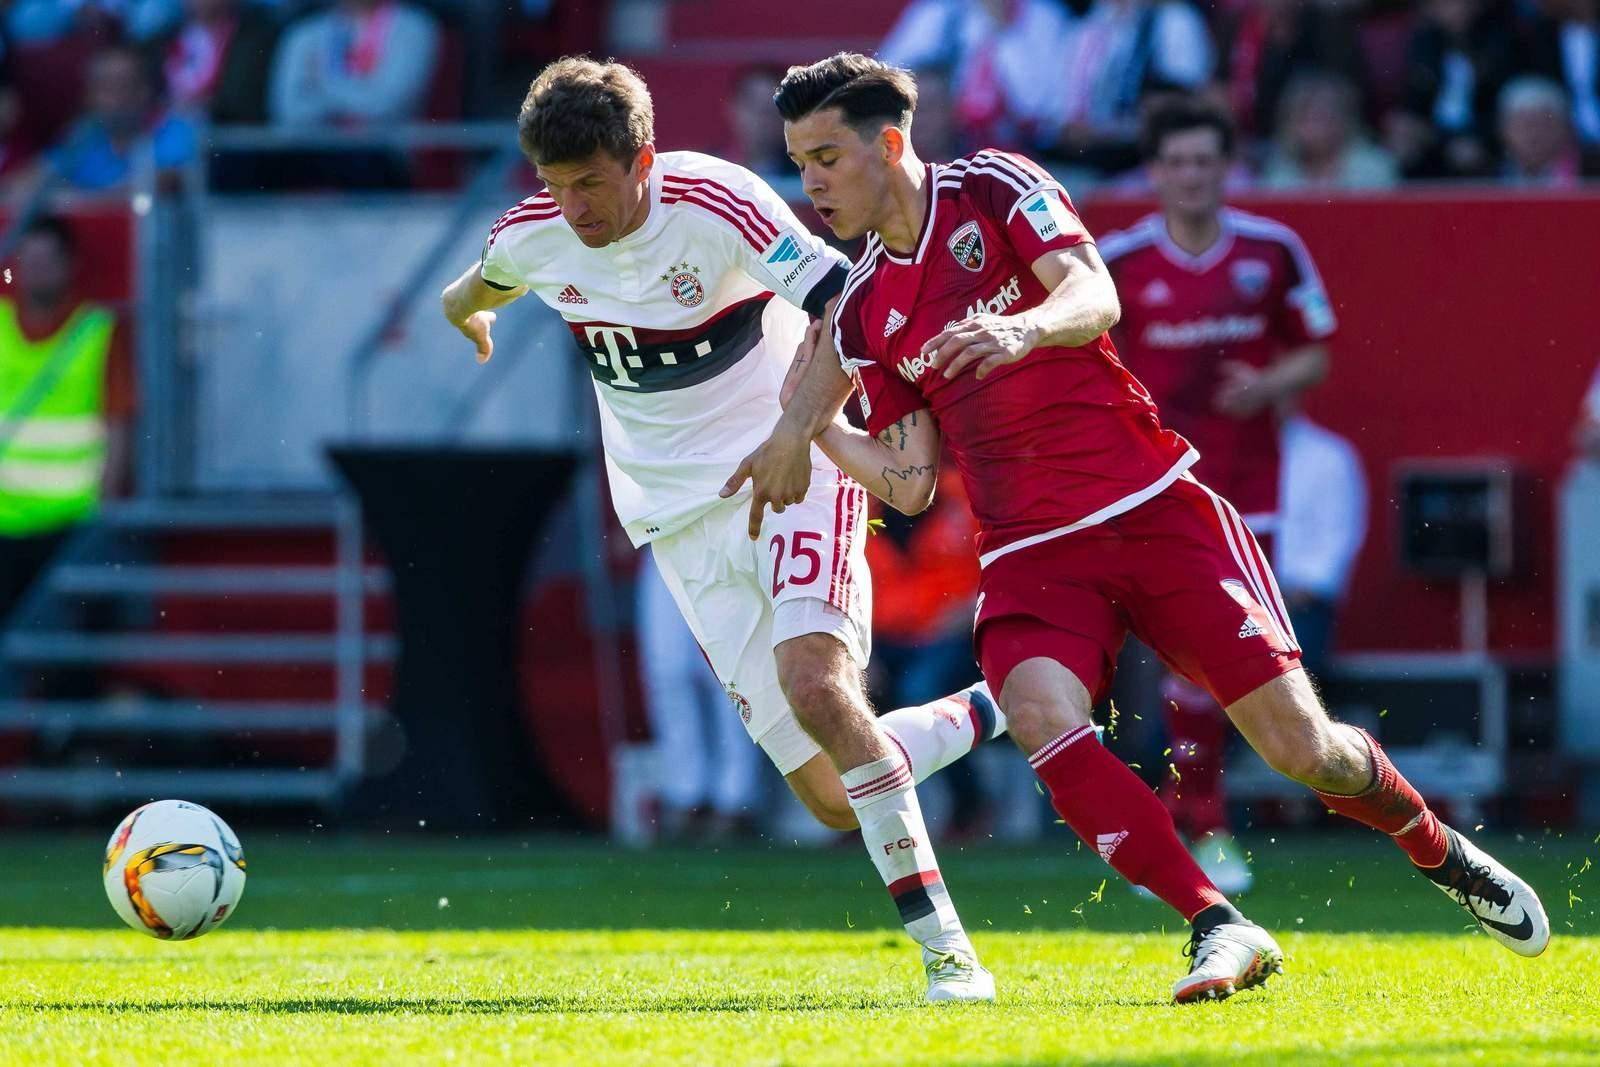 Thomas Müller im Laufduell mit Alfredo Morales. Jetzt auf Ingolstadt gegen FC Bayern wetten!